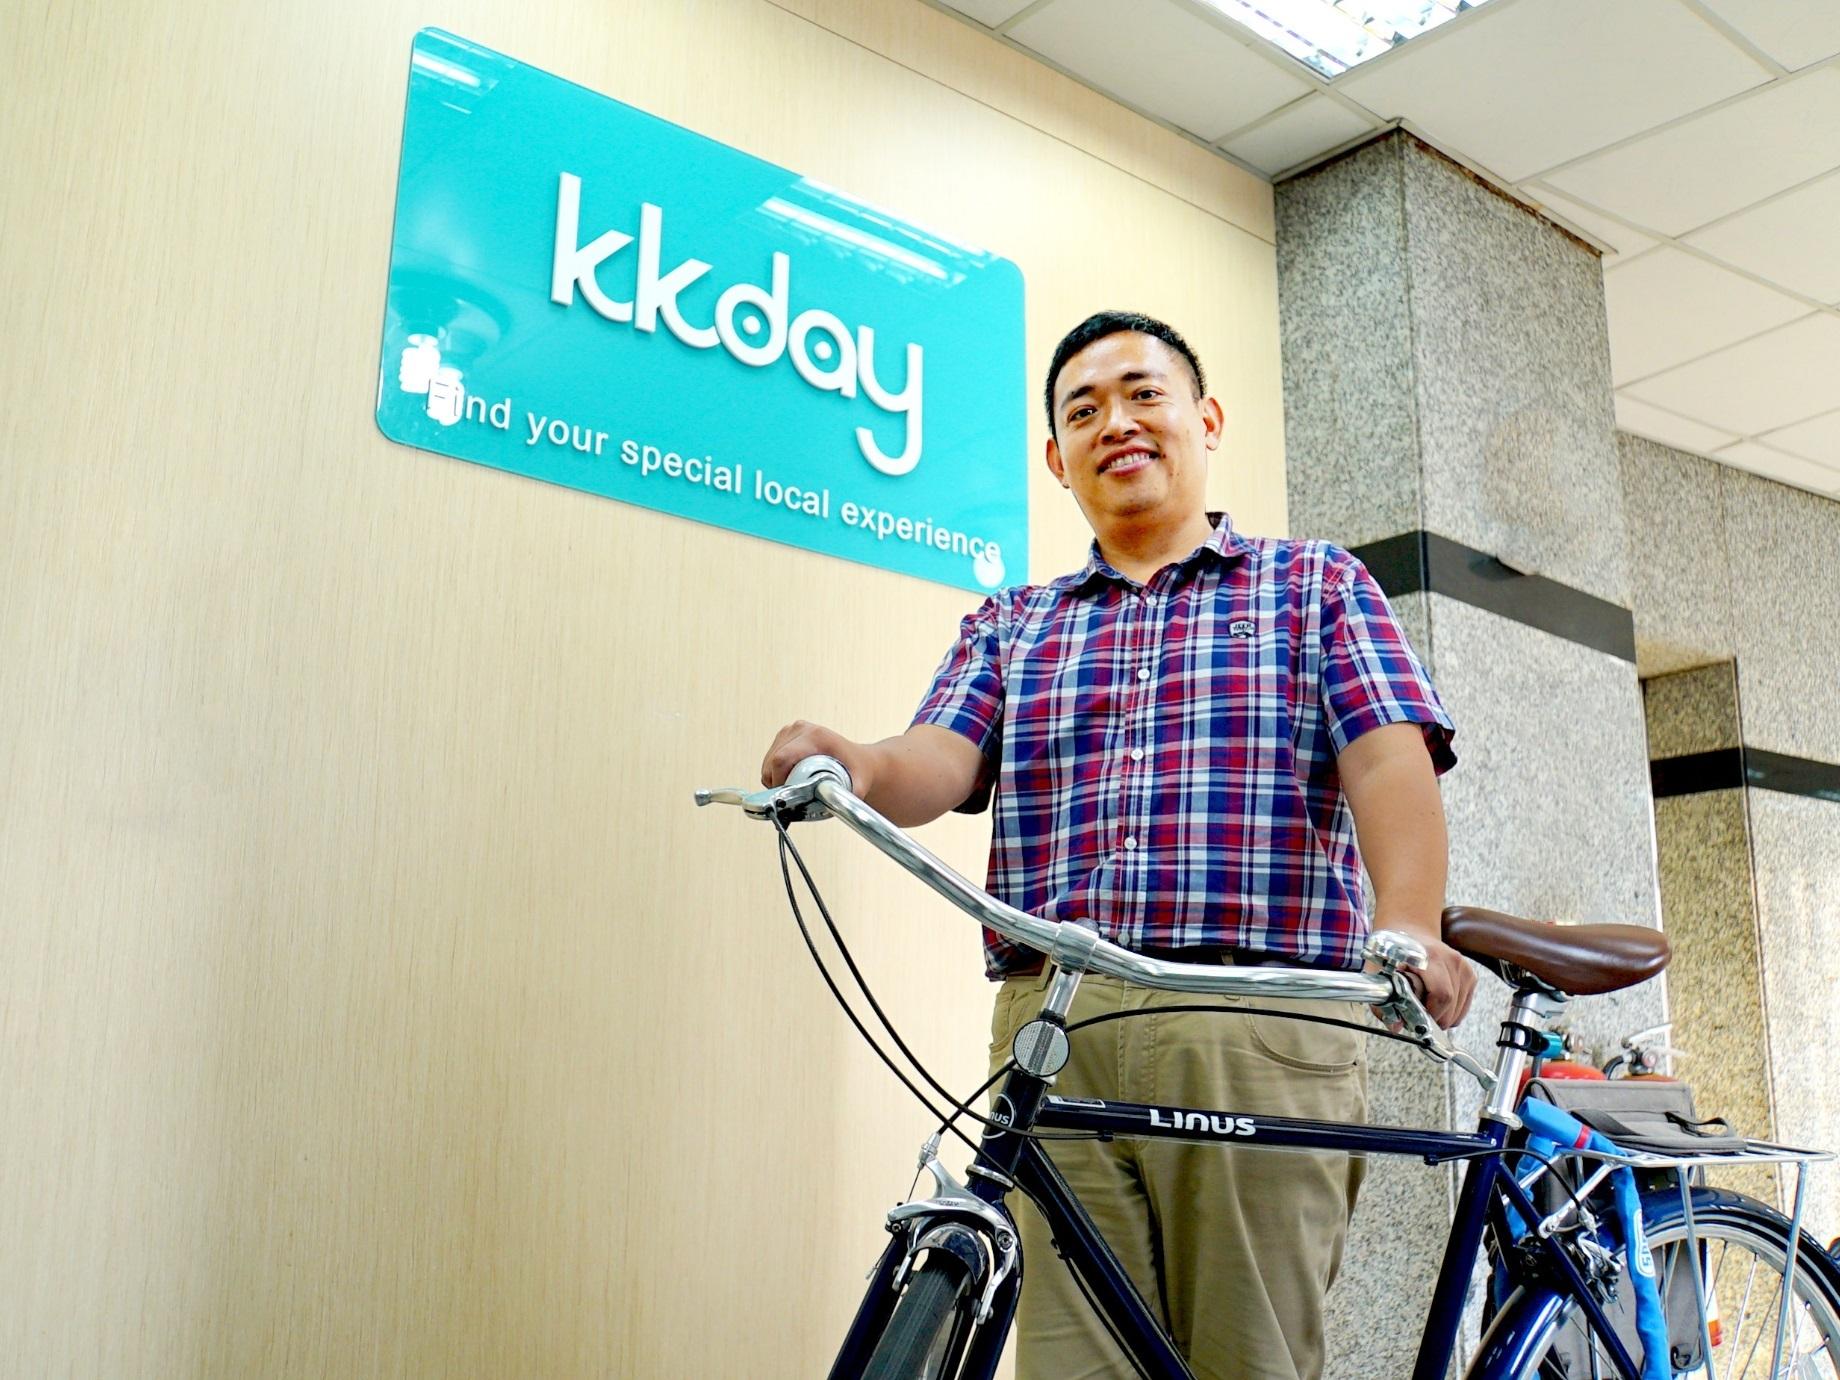 總編輯會客室》陳明明(KKday執行長):電商本質就是跨境,只想當土皇帝就等著被打掛